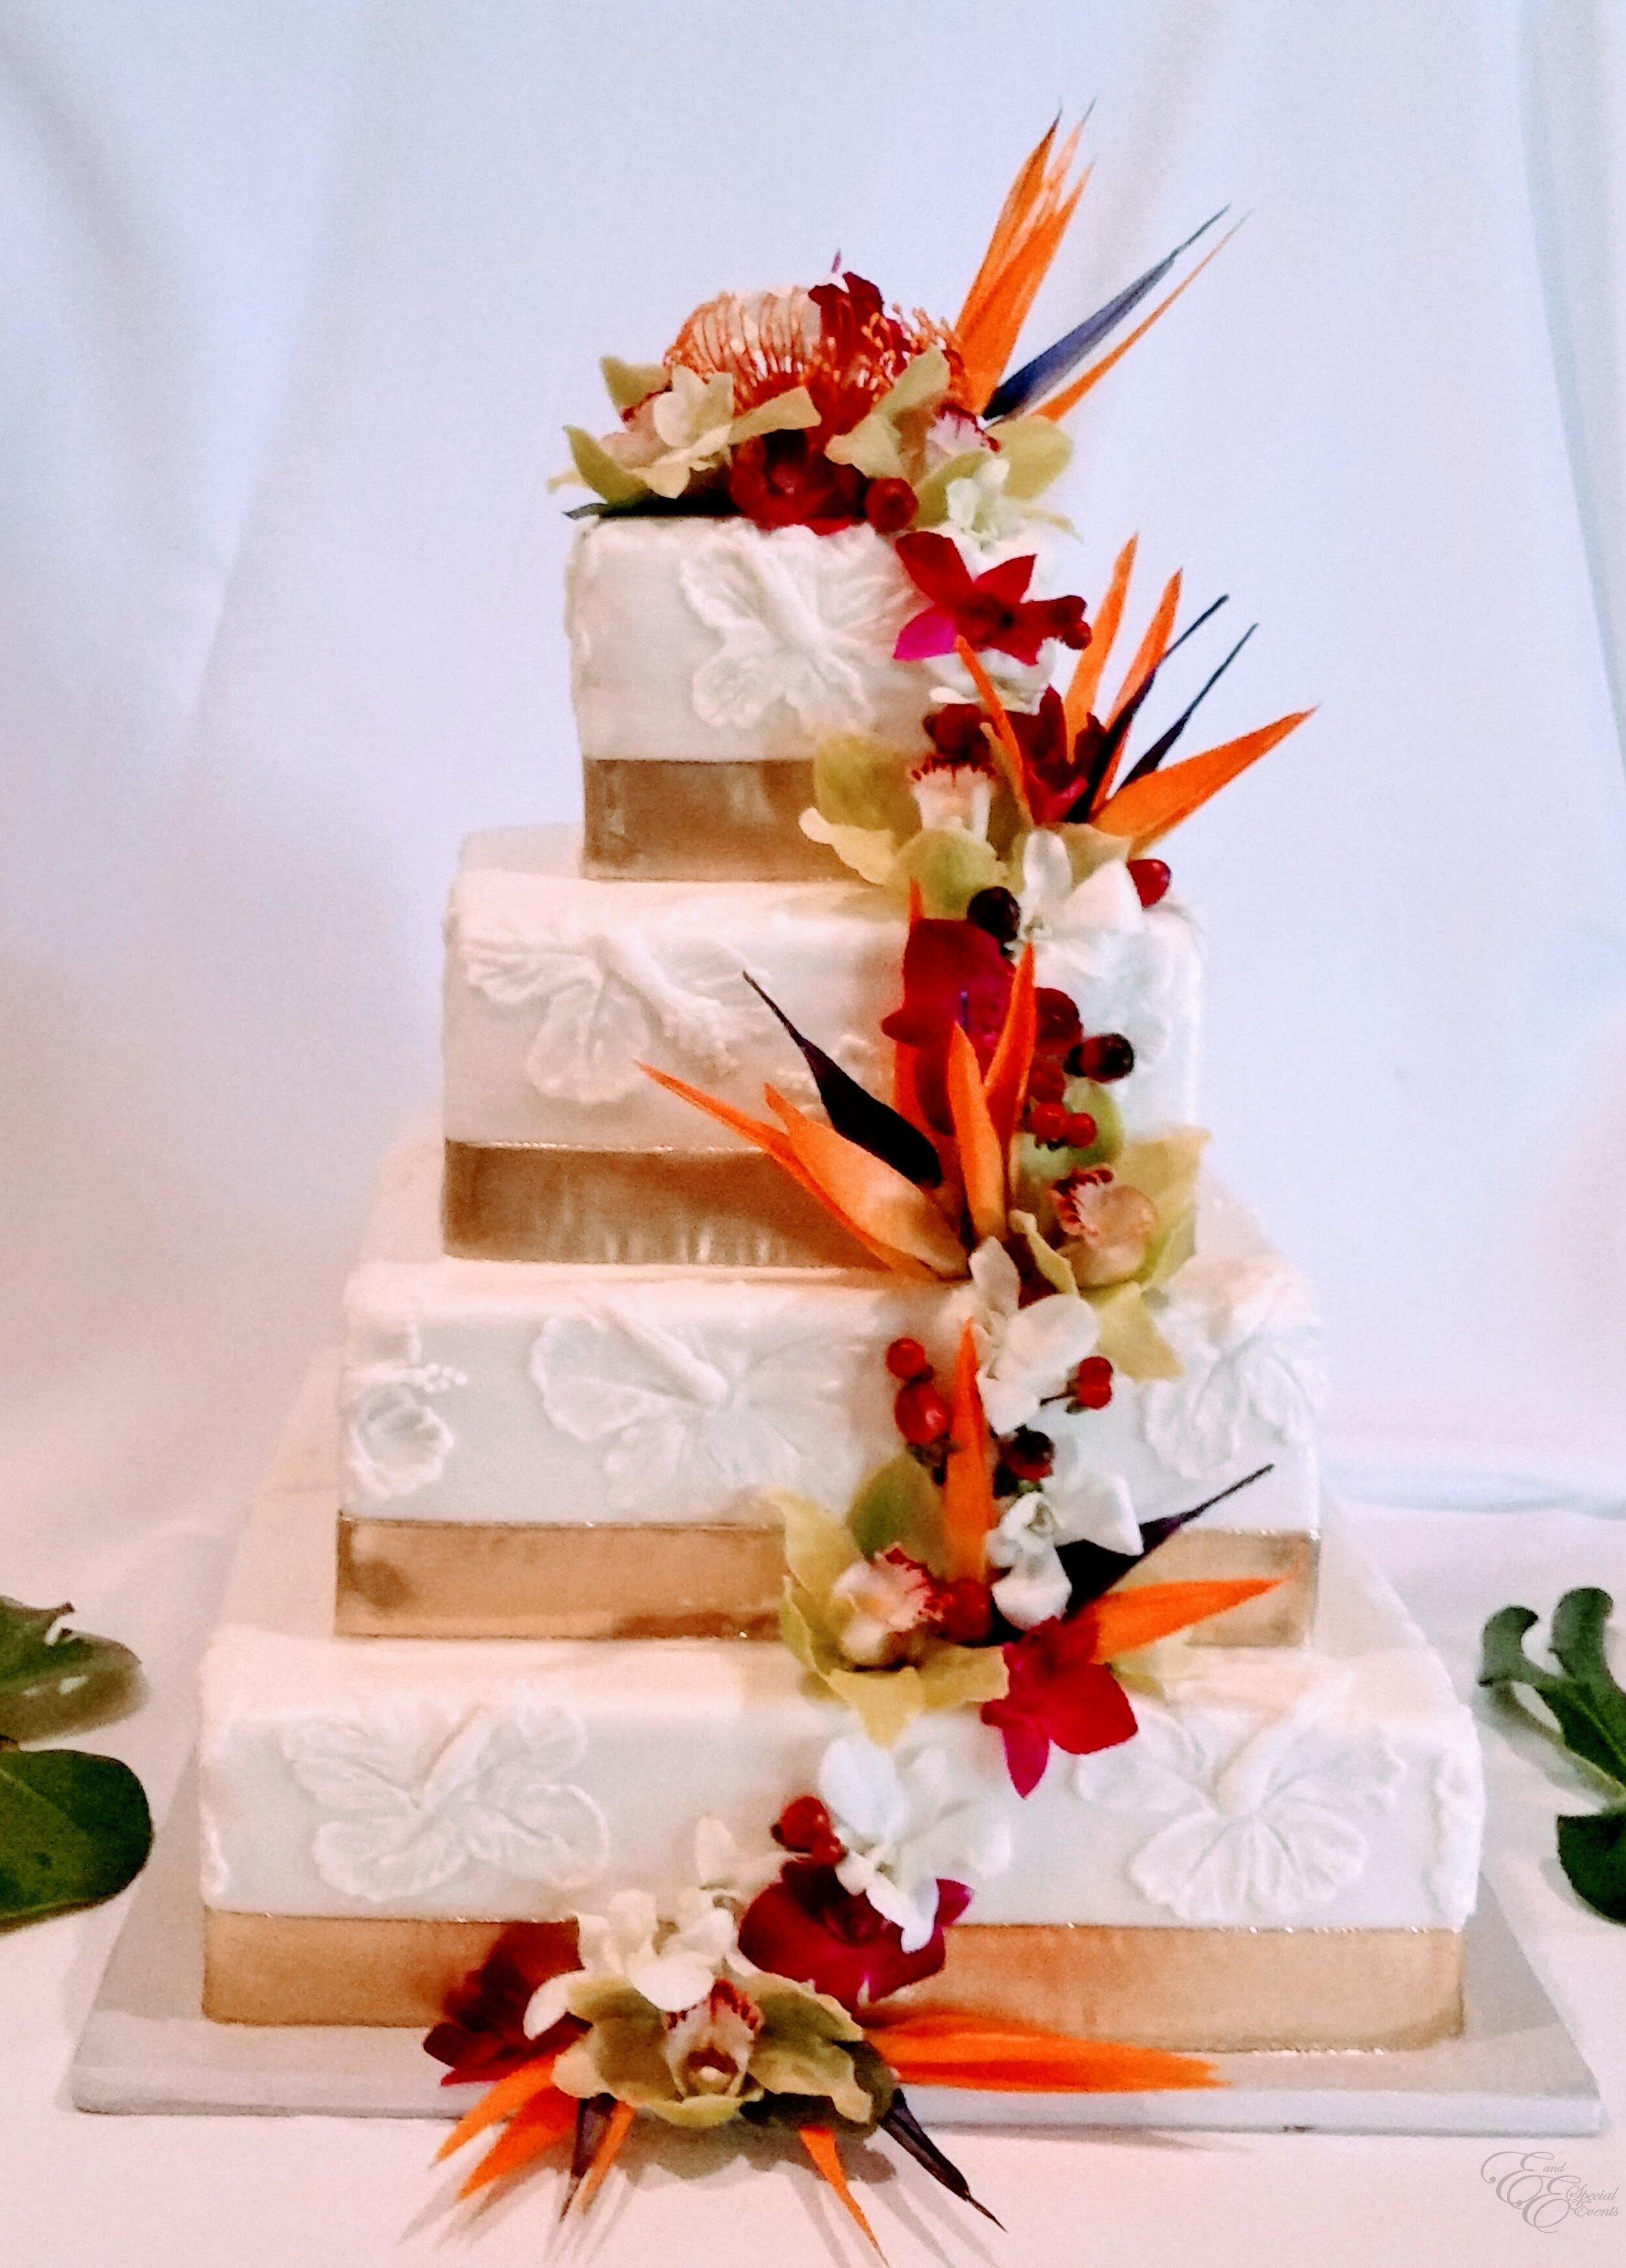 wedding_cakes_E_and_E_Special_Events_virginia_beach_48.jpg